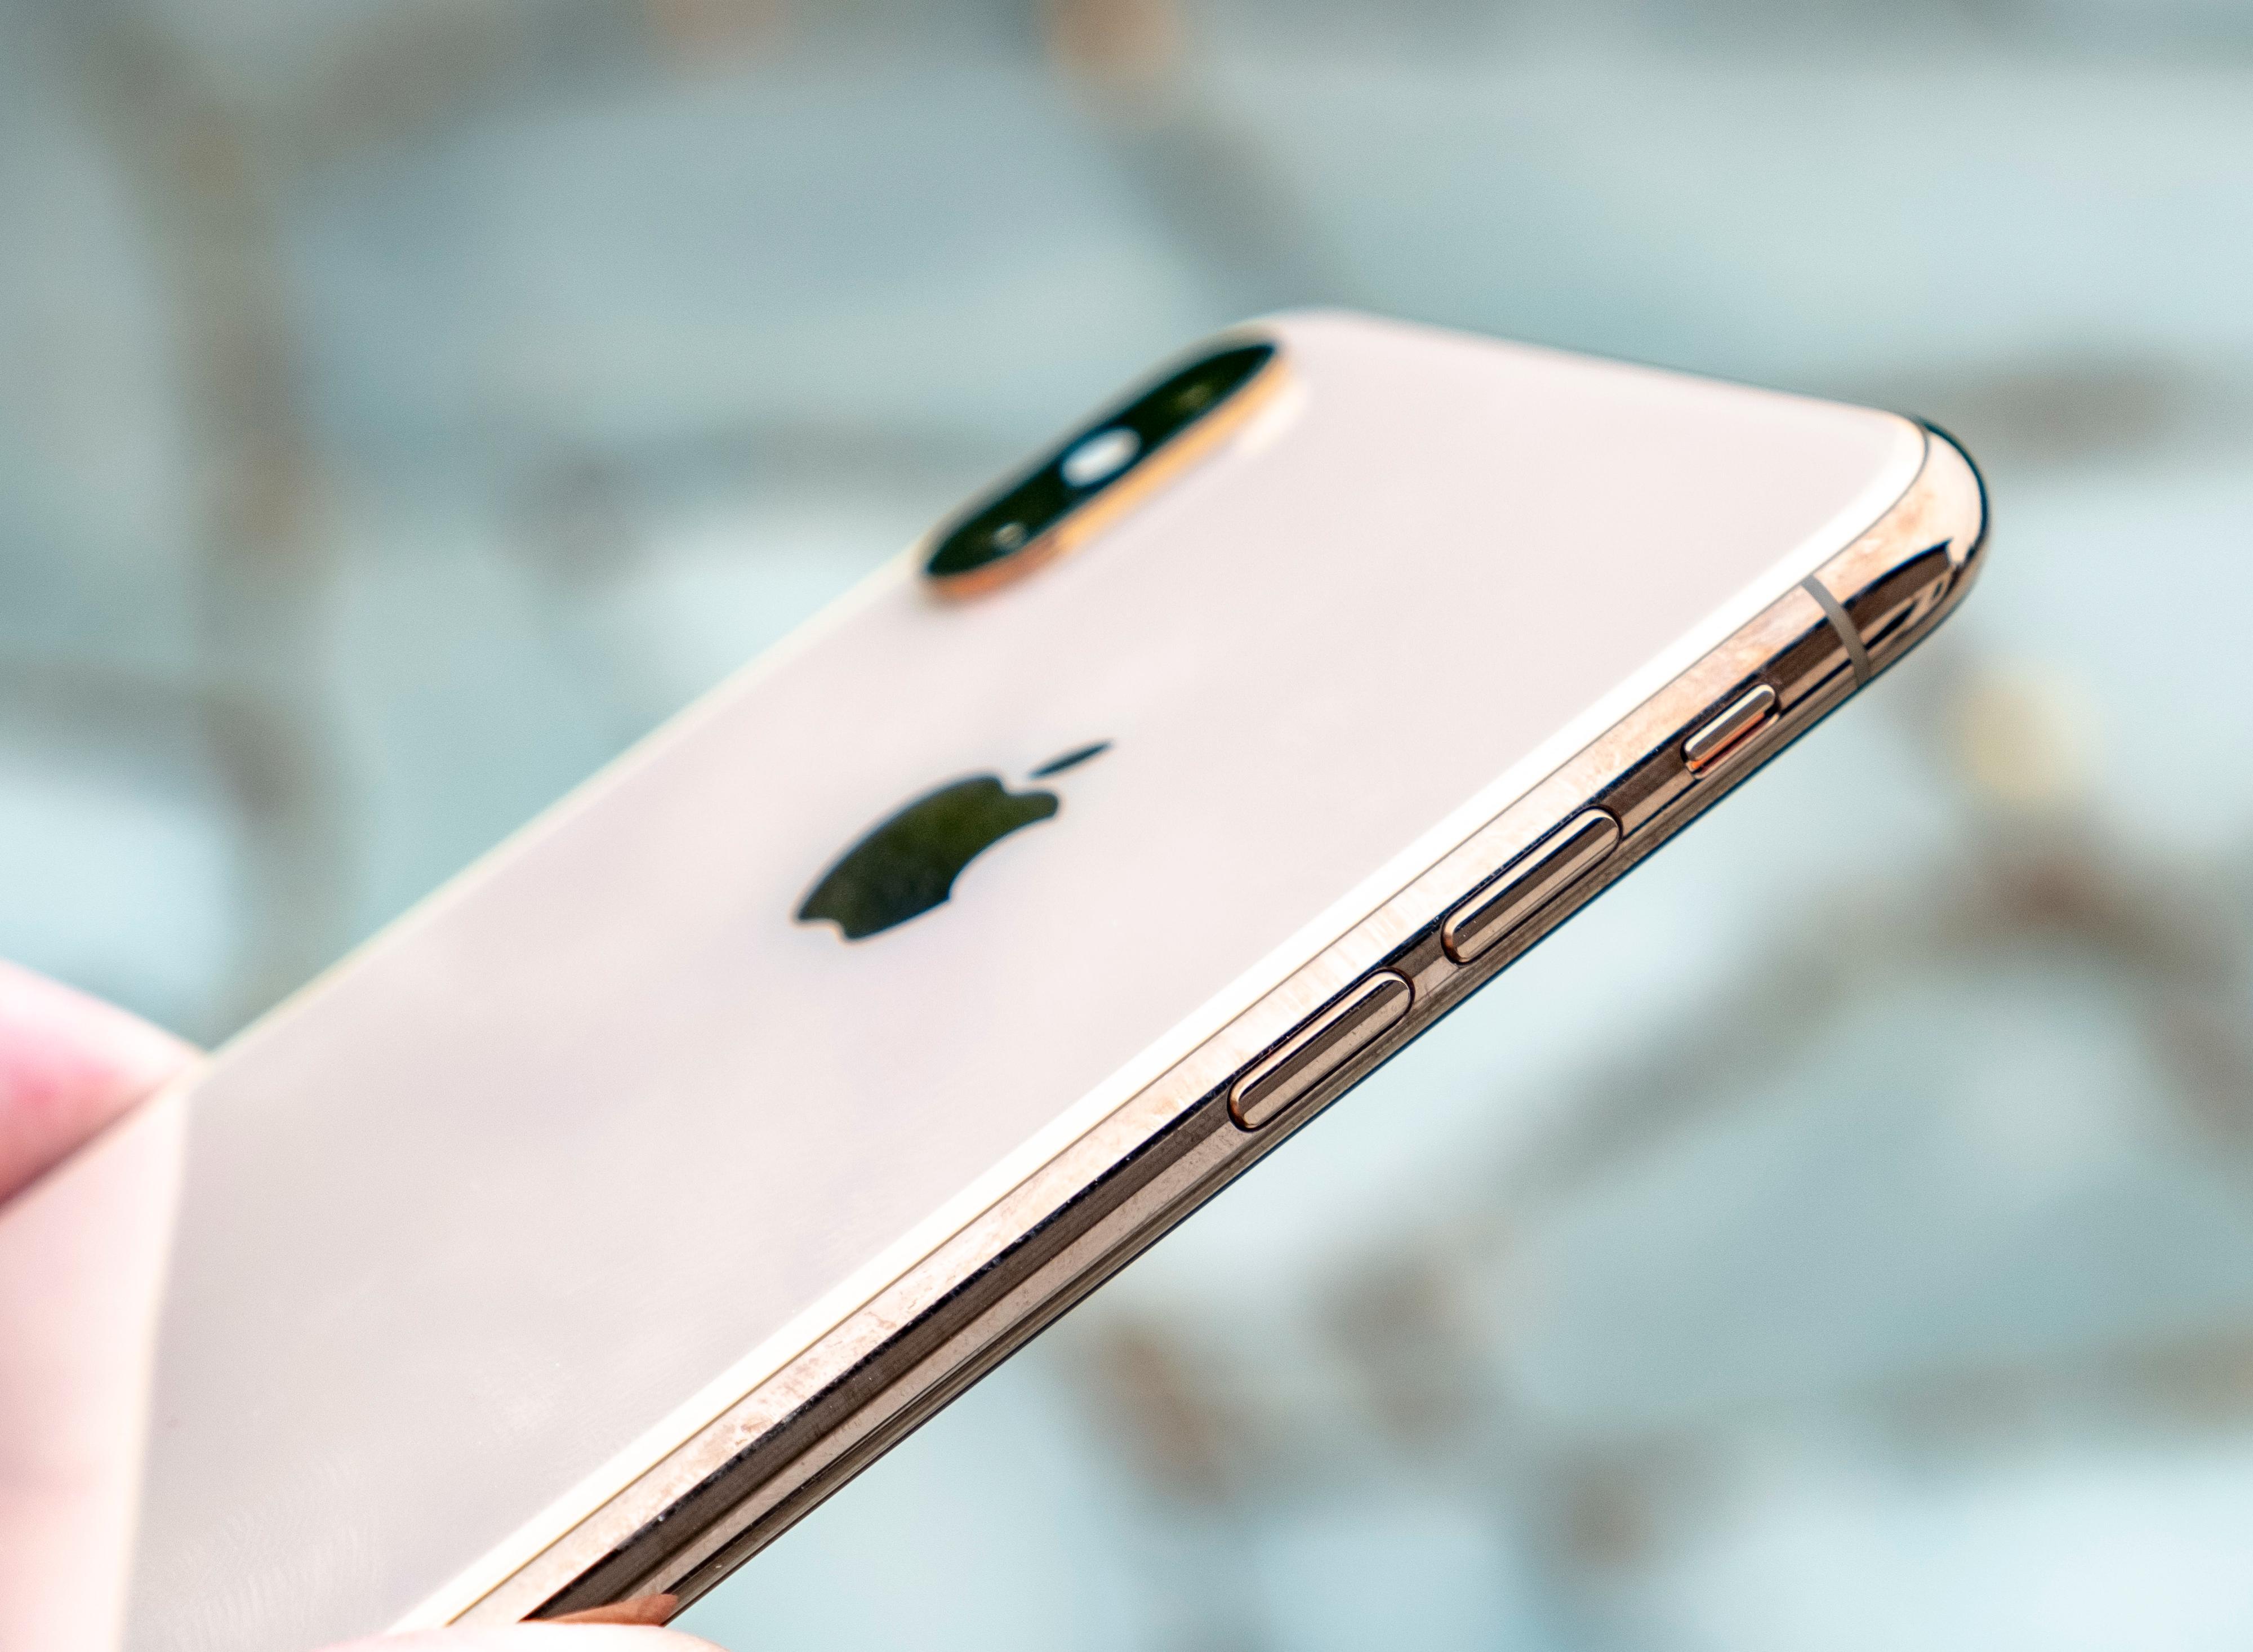 Baksiden av iPhone Xz Max i gull minner mye om fjorårets iPhone 8 i gull. Rammen er i en slags gull-/kobber-farget stål, mens brunrosa er mer dekkende for glasset. Det veksler avhengig av lys mellom å se ut som på bildet og mer gullskimrende.